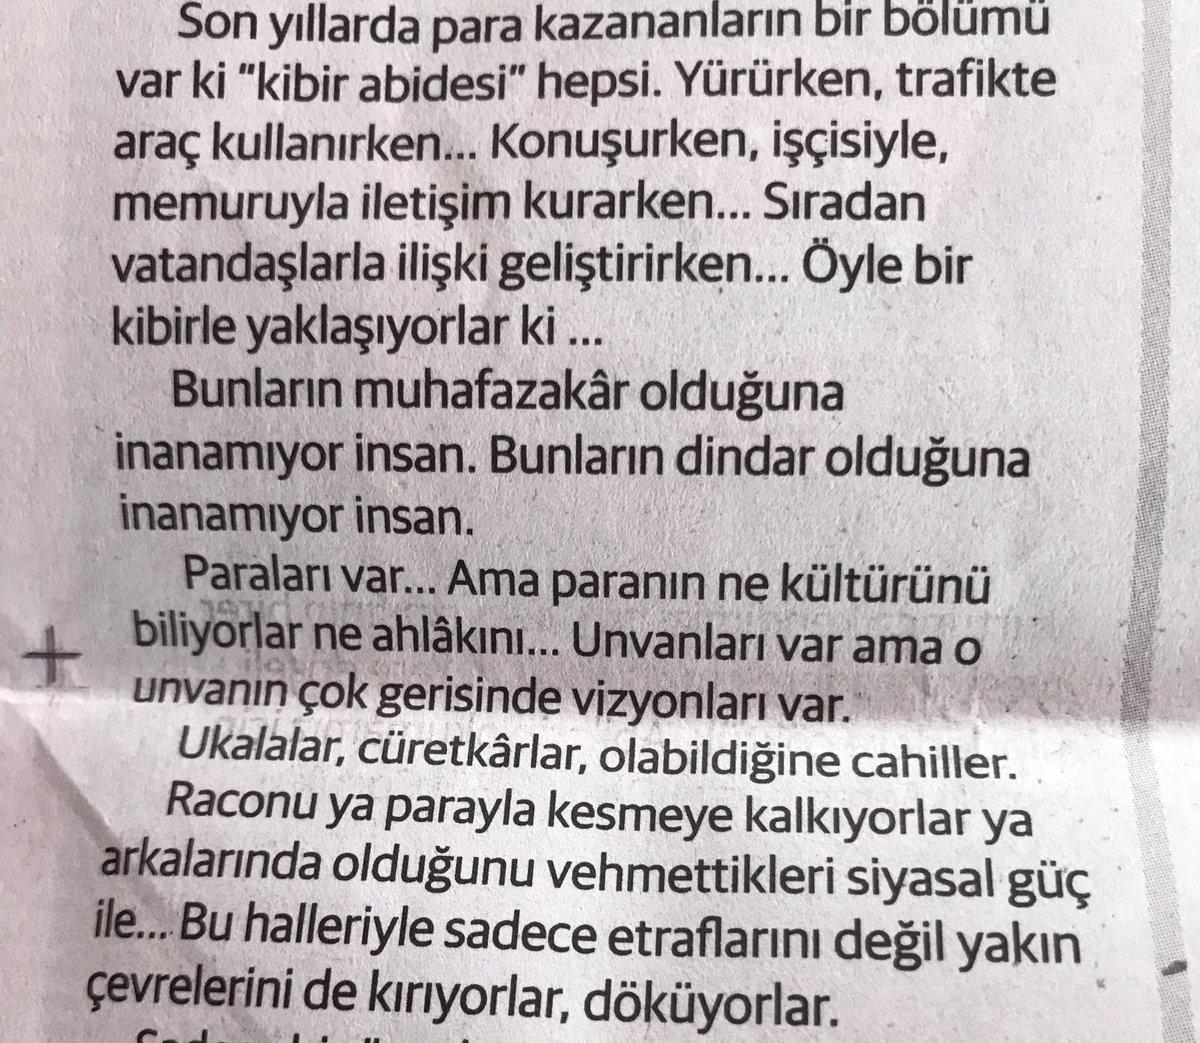 Yeni şafak, Hasan Öztürk